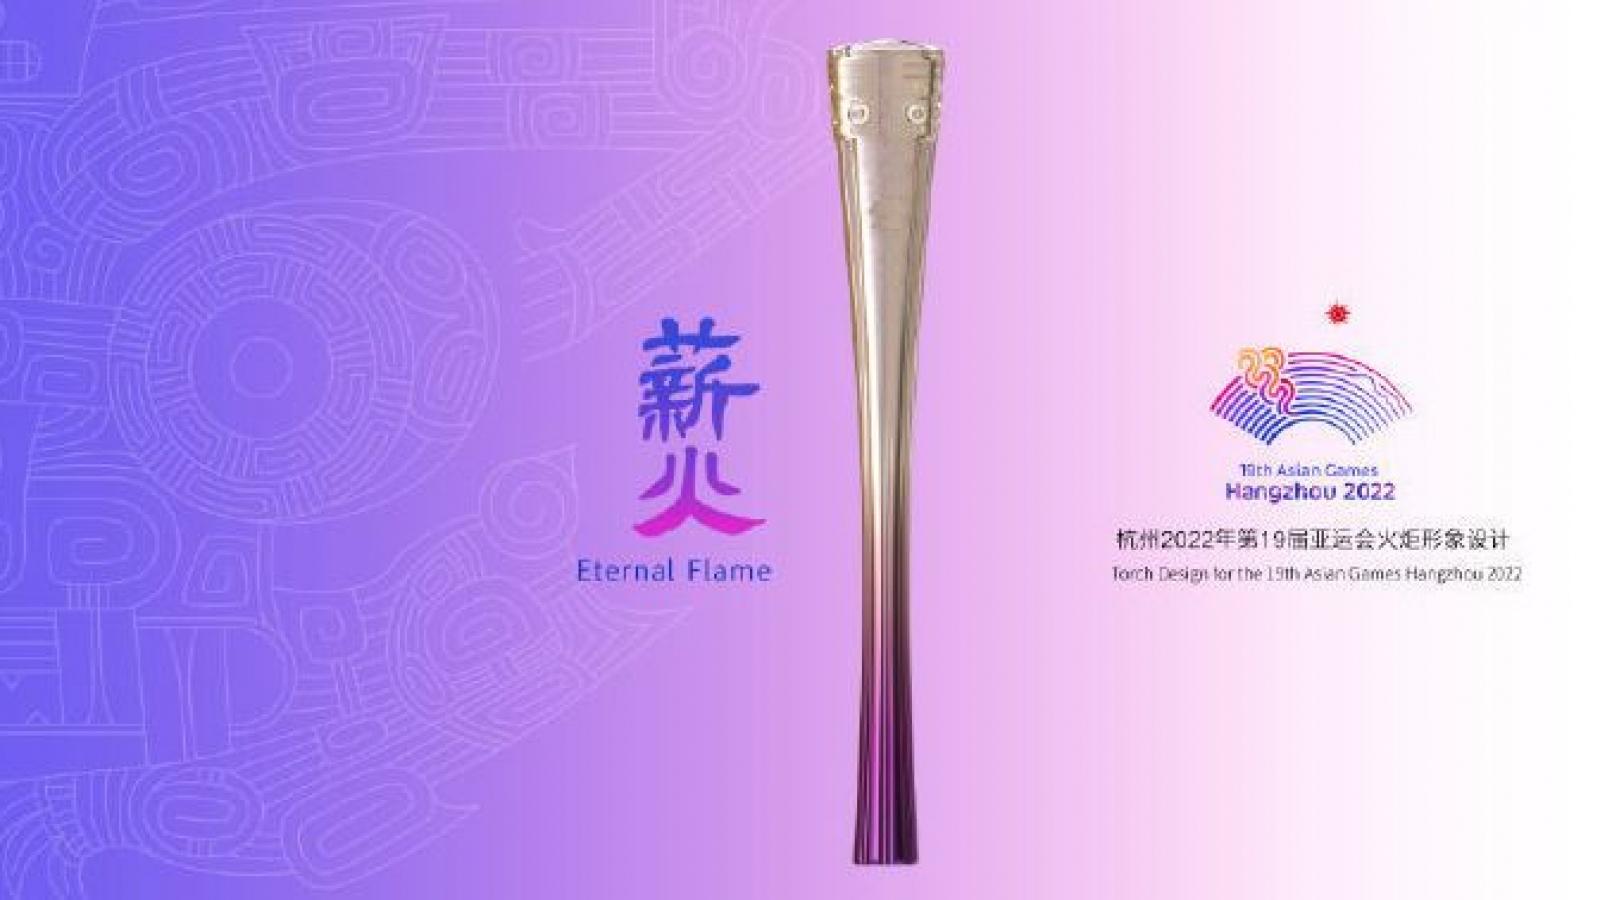 Ngọn đuốc kỹ thuật số Đại hội thể thao châu Á lần đầu tiên trong lịch sử được phát hành